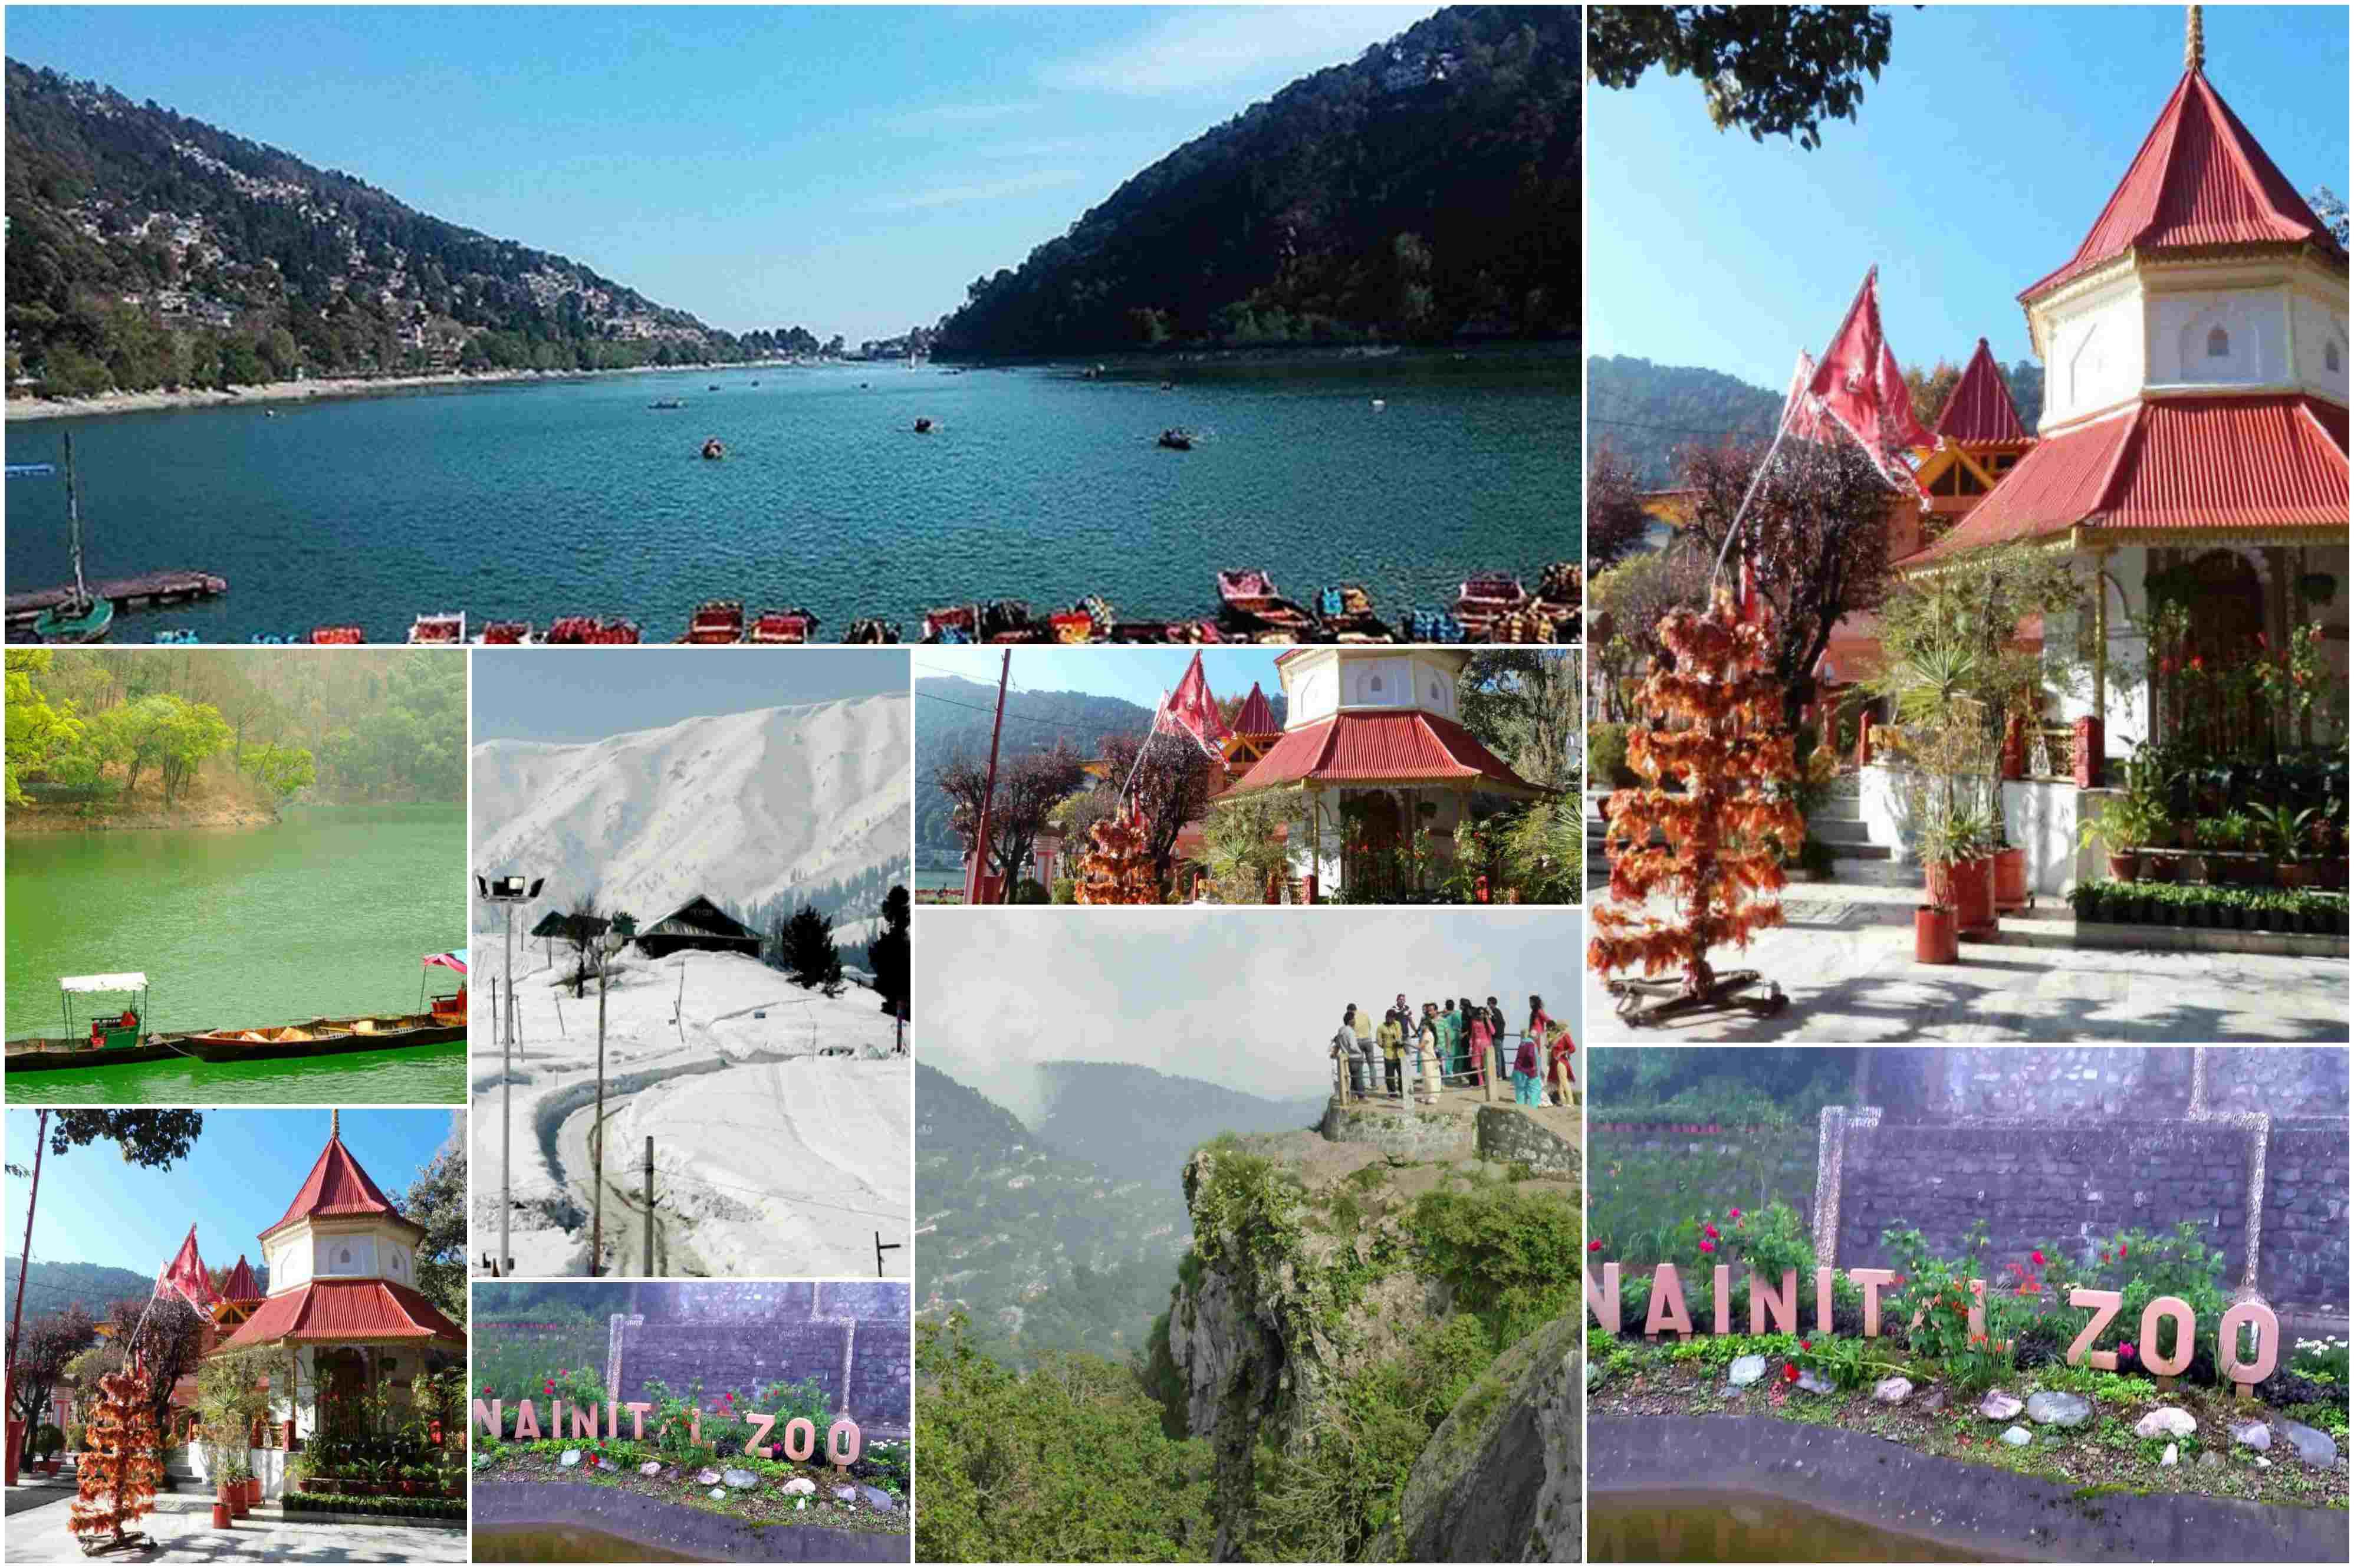 Nainital Sightseeing Places